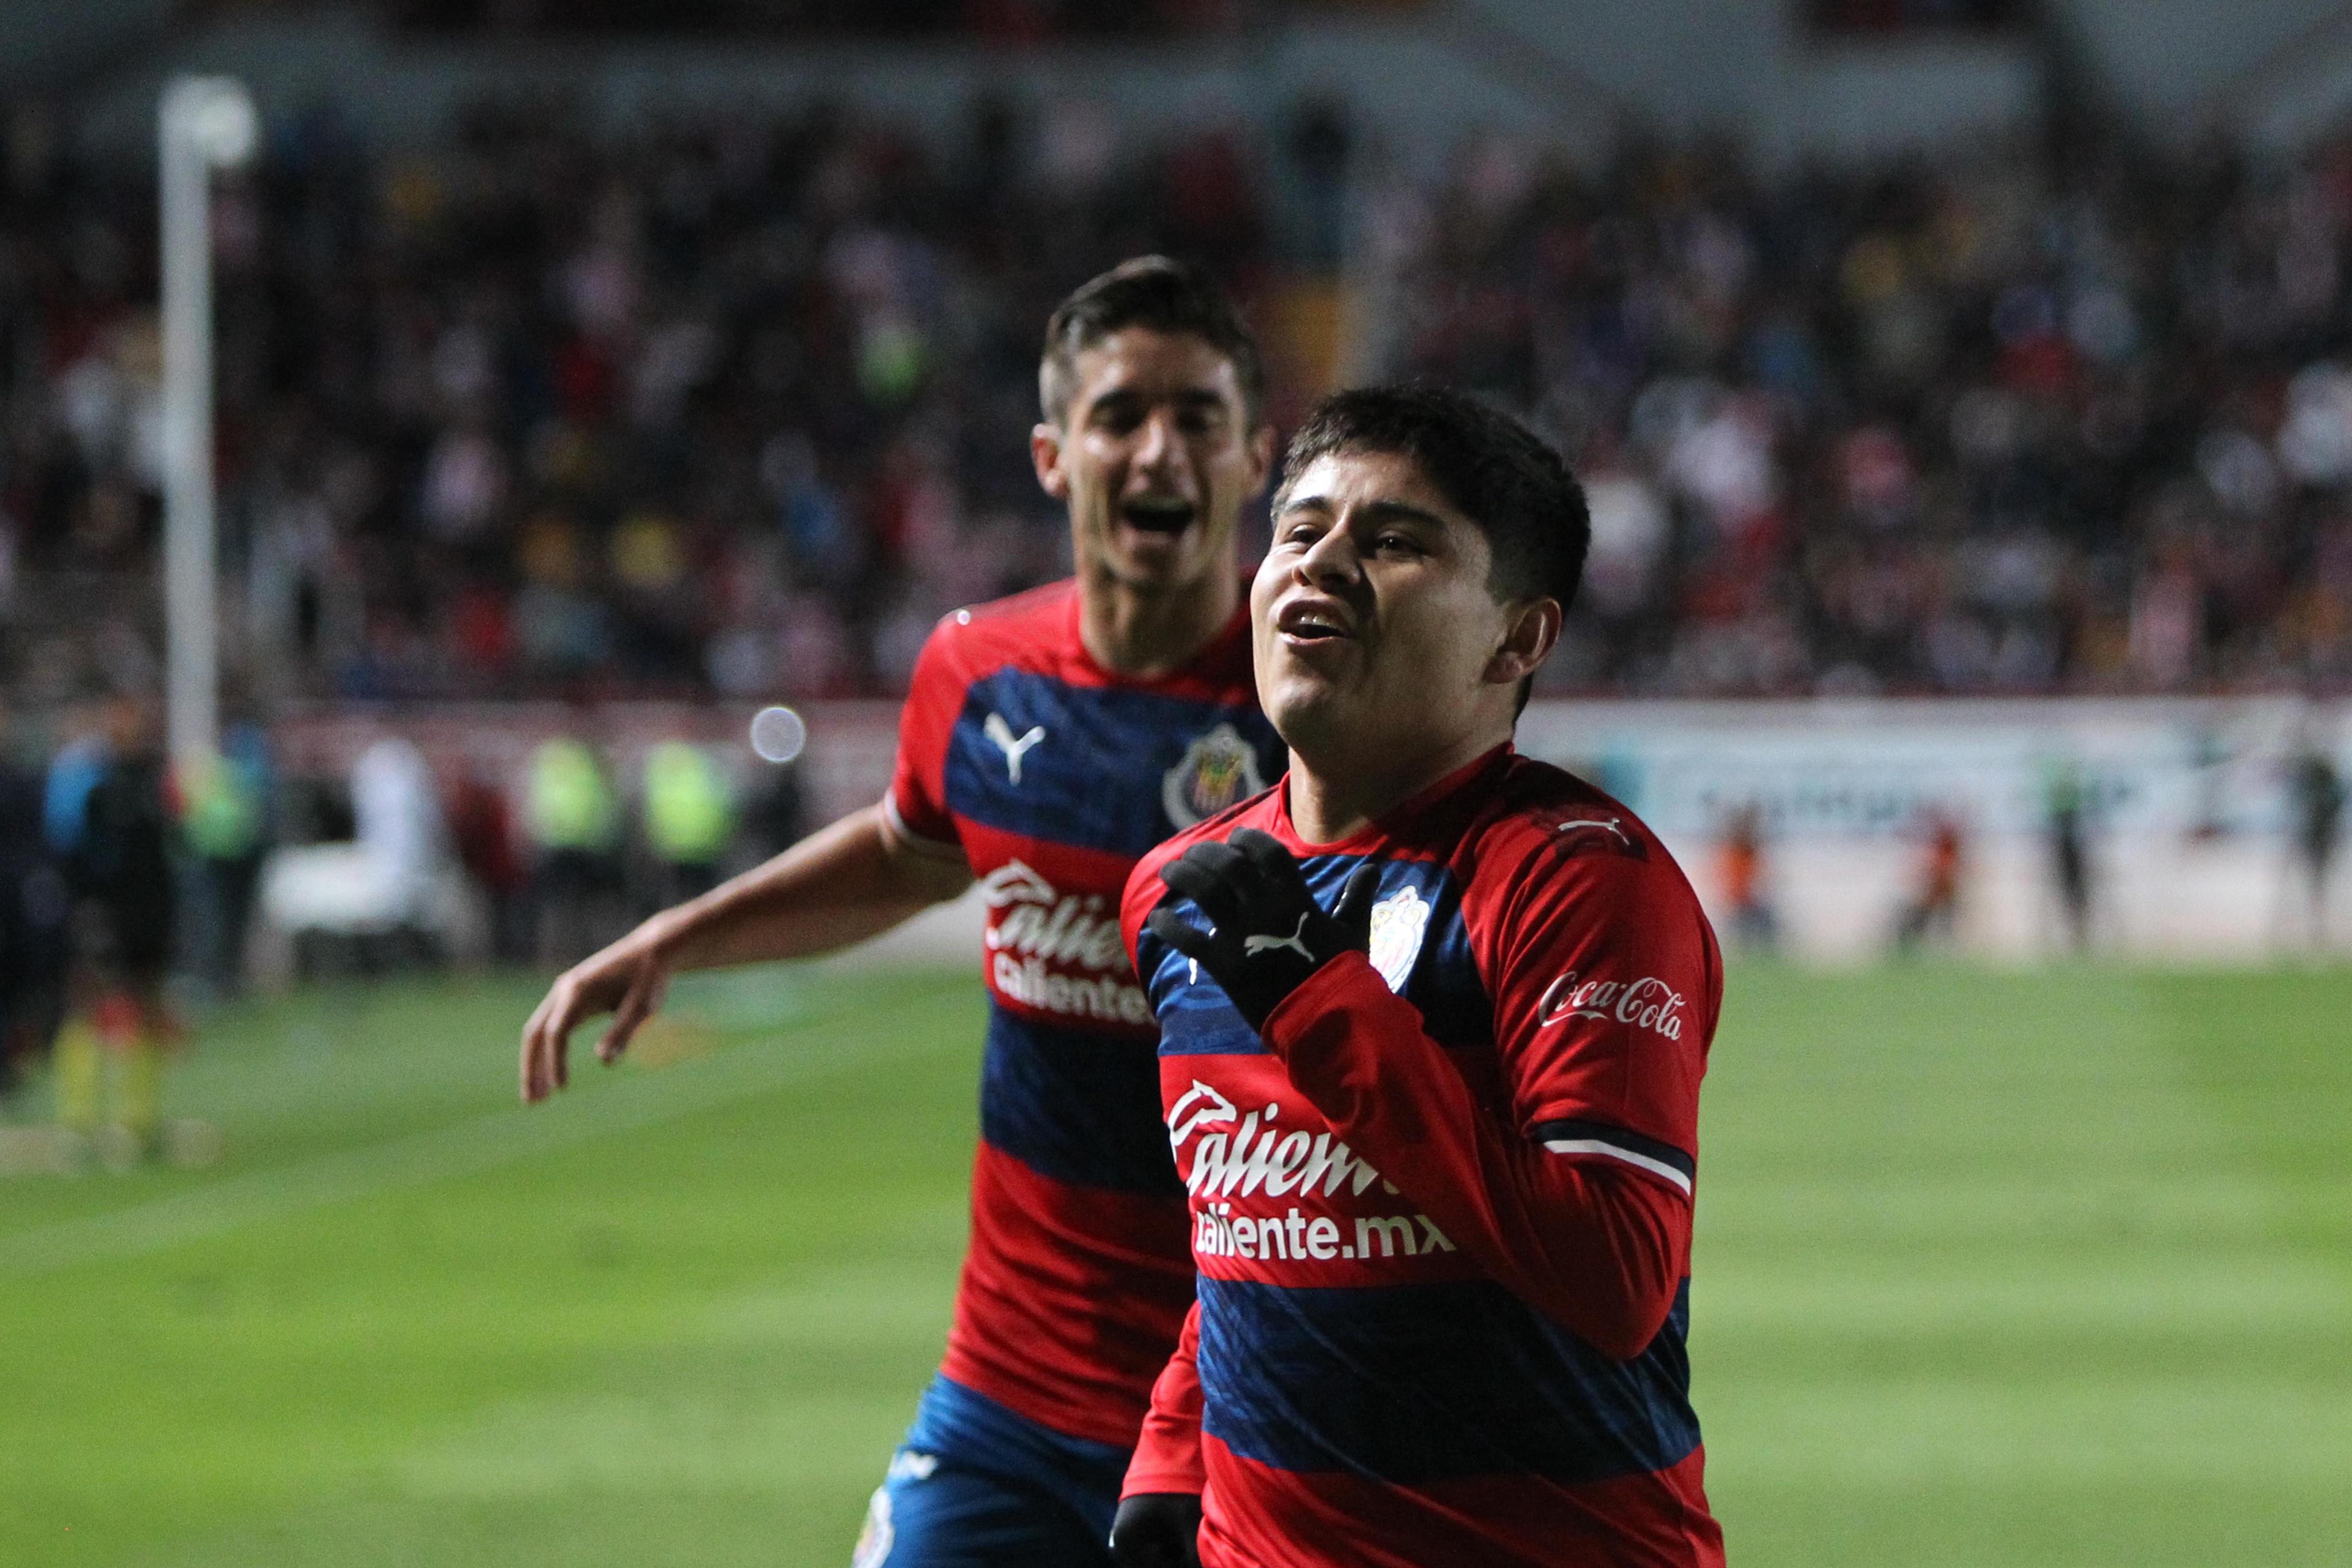 ¿Y los refuerzos? Este es el 11 con el que Chivas arrancaría el Clausura 2020